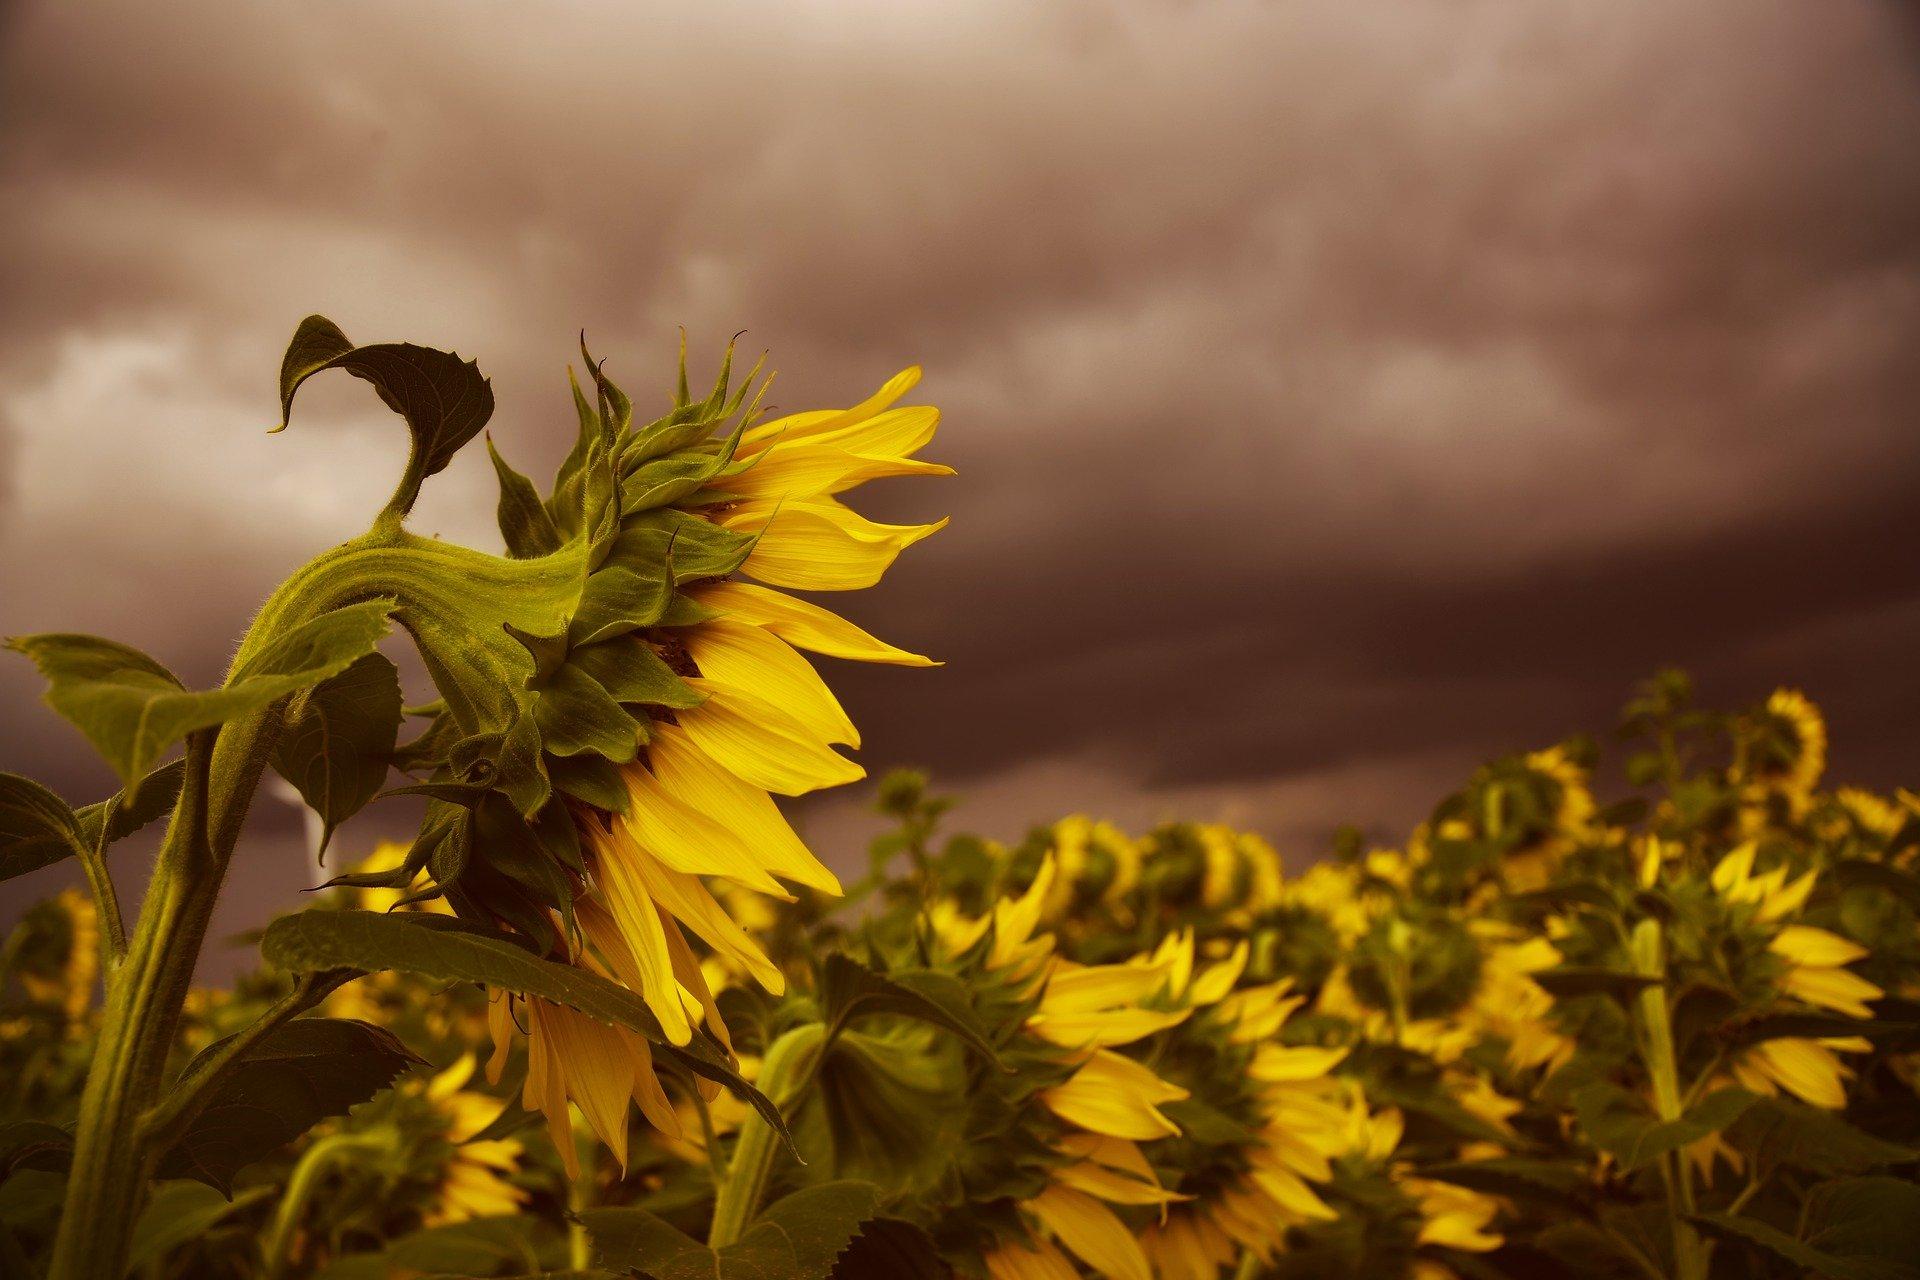 girasoli piegati in basso durante un temporale